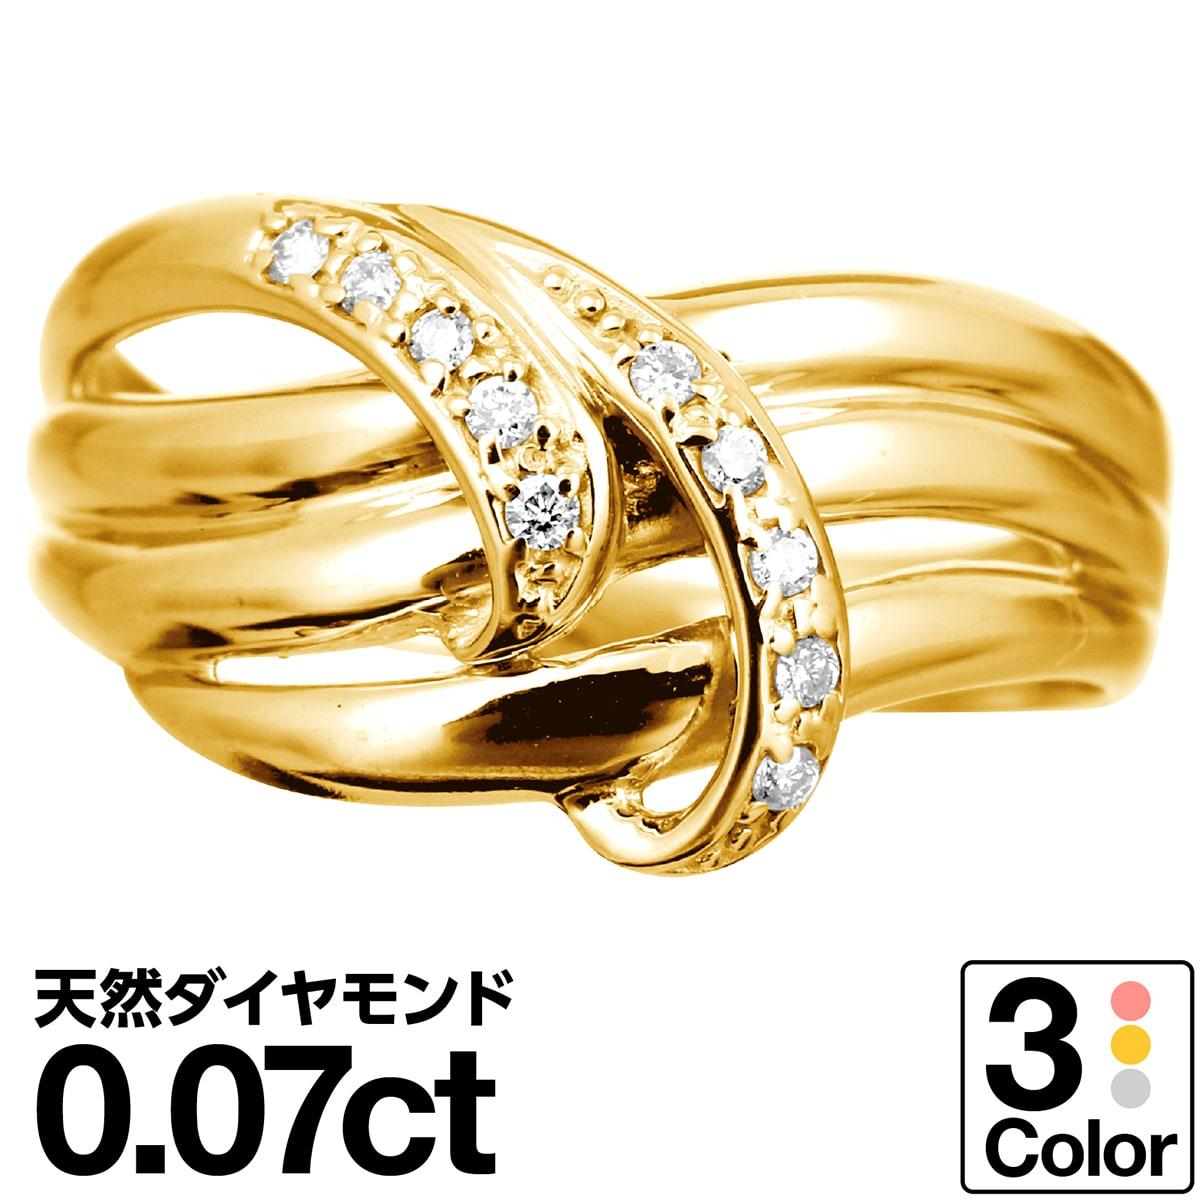 本店 指輪 18金 k18 18k 新作 大人気 女性 20代 30代 40代 50代 60代 ダイヤモンドリング イエローゴールド ホワイトゴールド プレゼント 日本製 ギフト 天然ダイヤ リング 金属アレルギー ホワイトデー smtb-s ファッションリング 品質保証書 ダイヤモンド ピンクゴールド